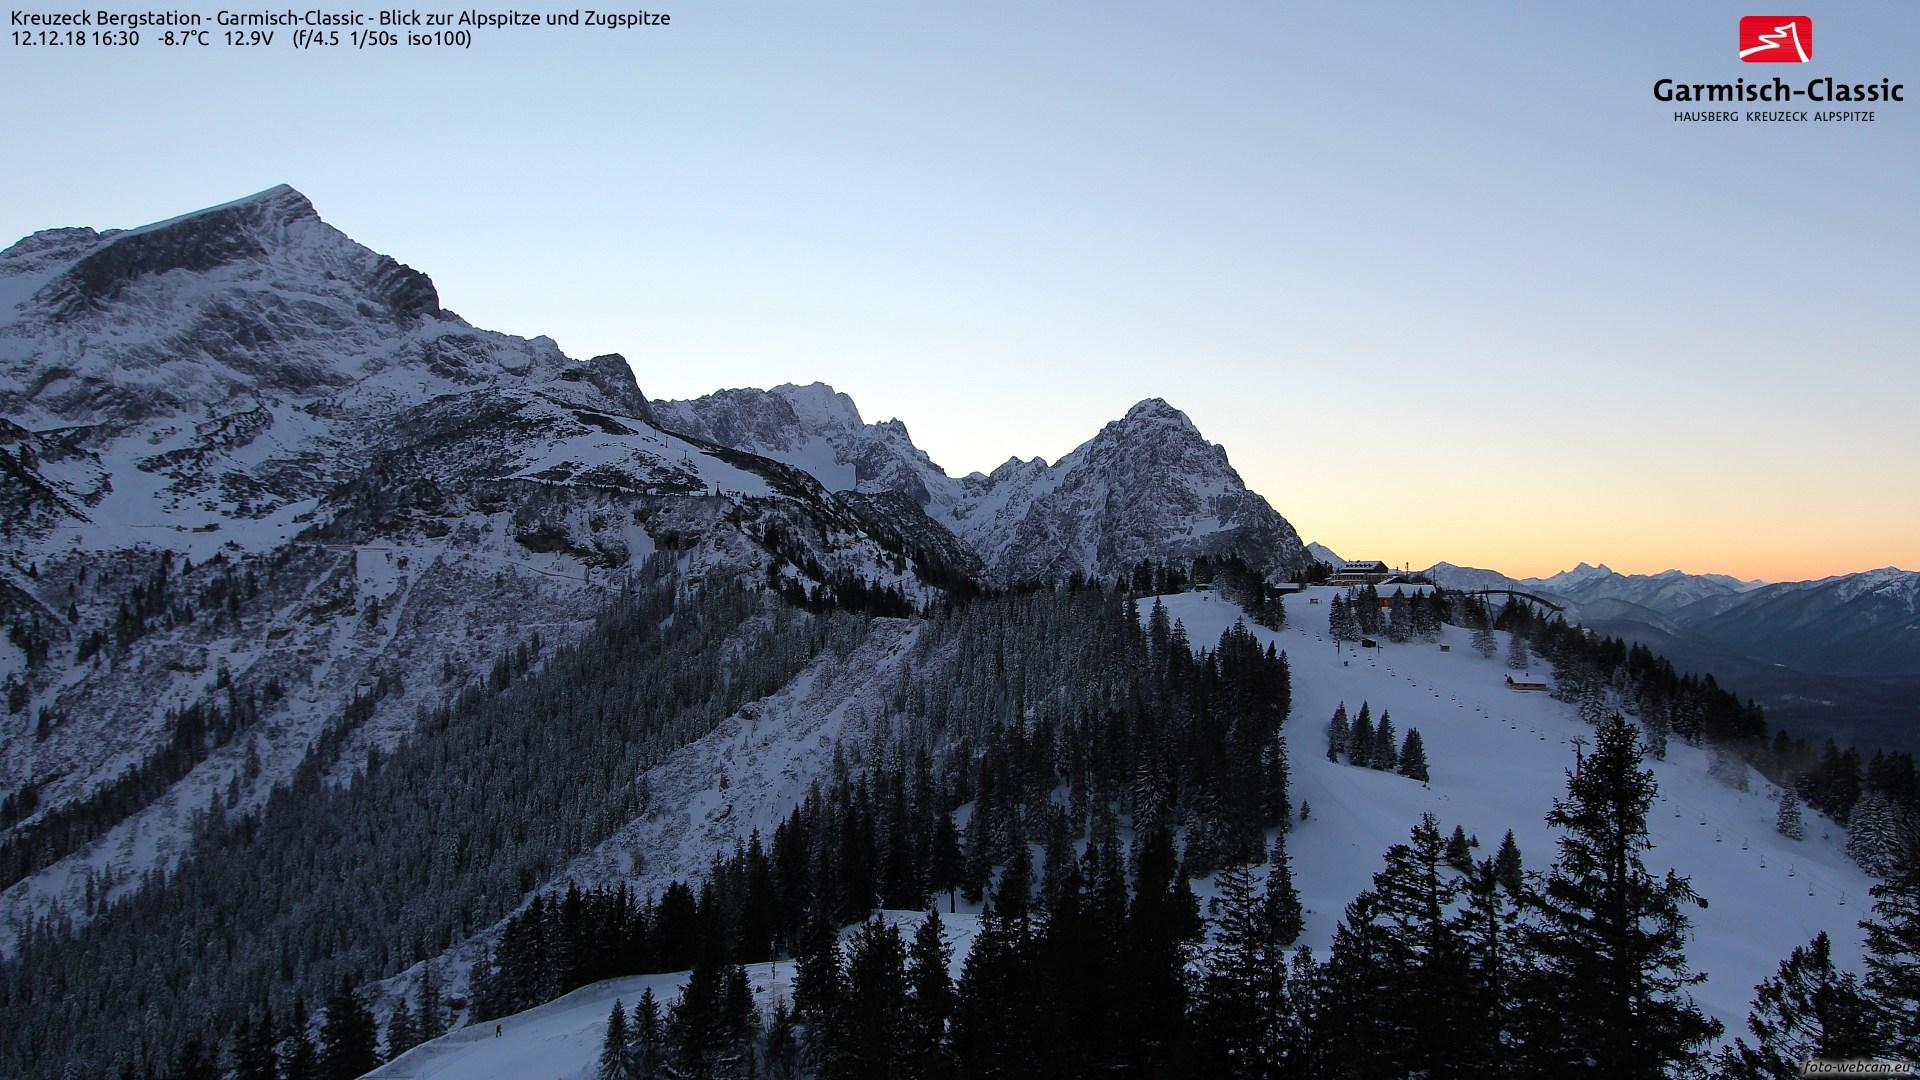 Webkamera Garmisch-Partenkirchen